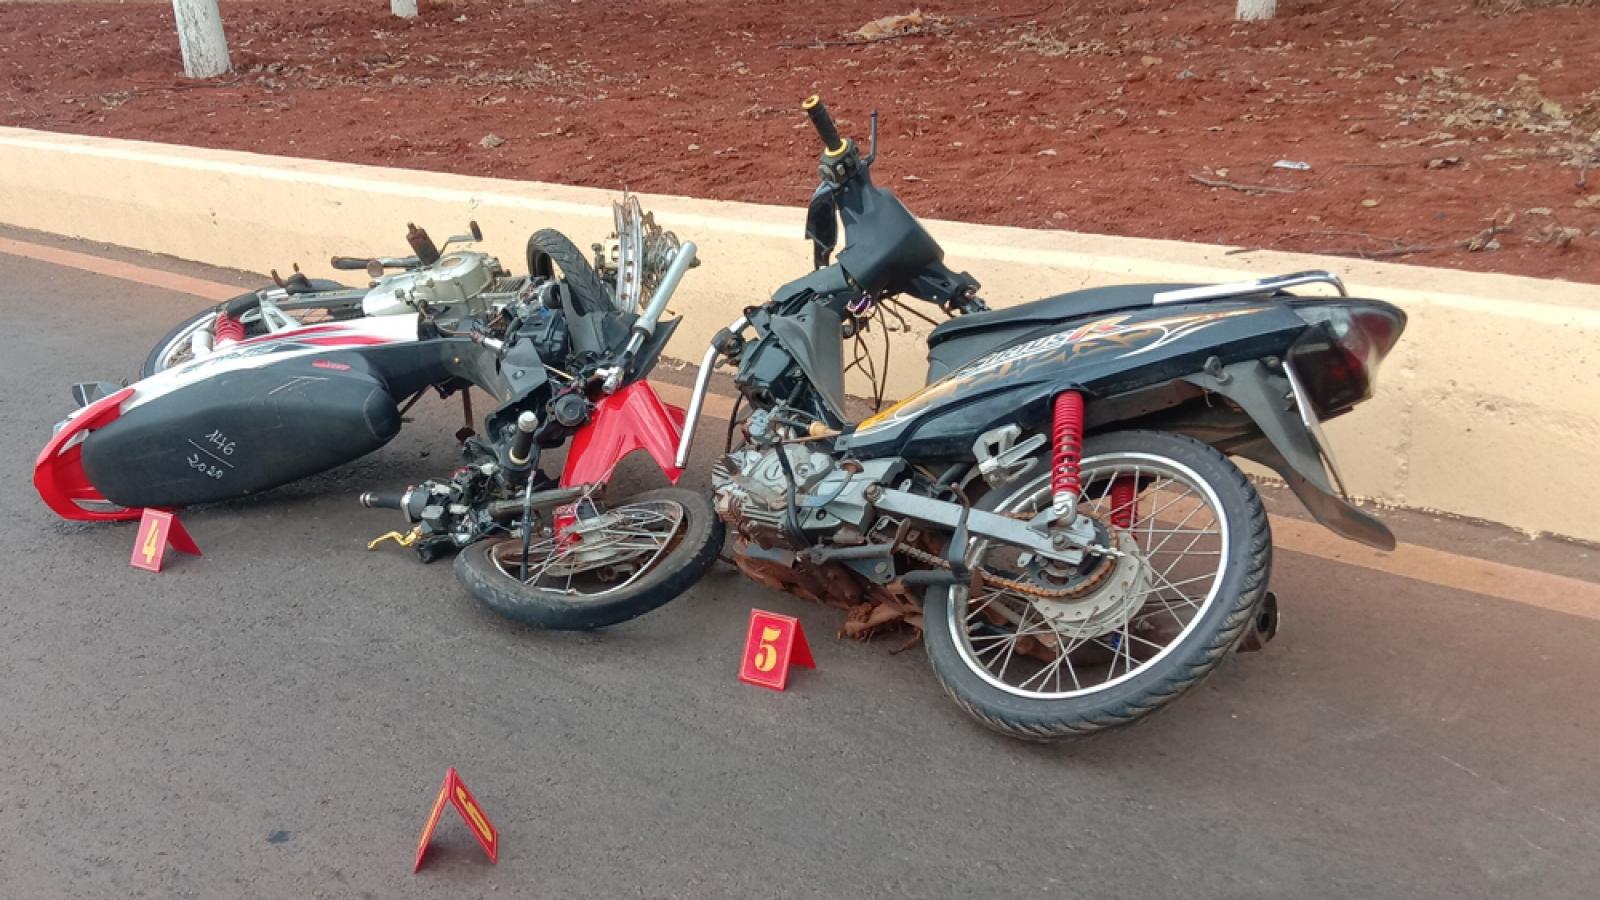 Dựng lại hiện trường vụ tai nạn làm 2 người tử vong, nghi do tổ chức đua xe